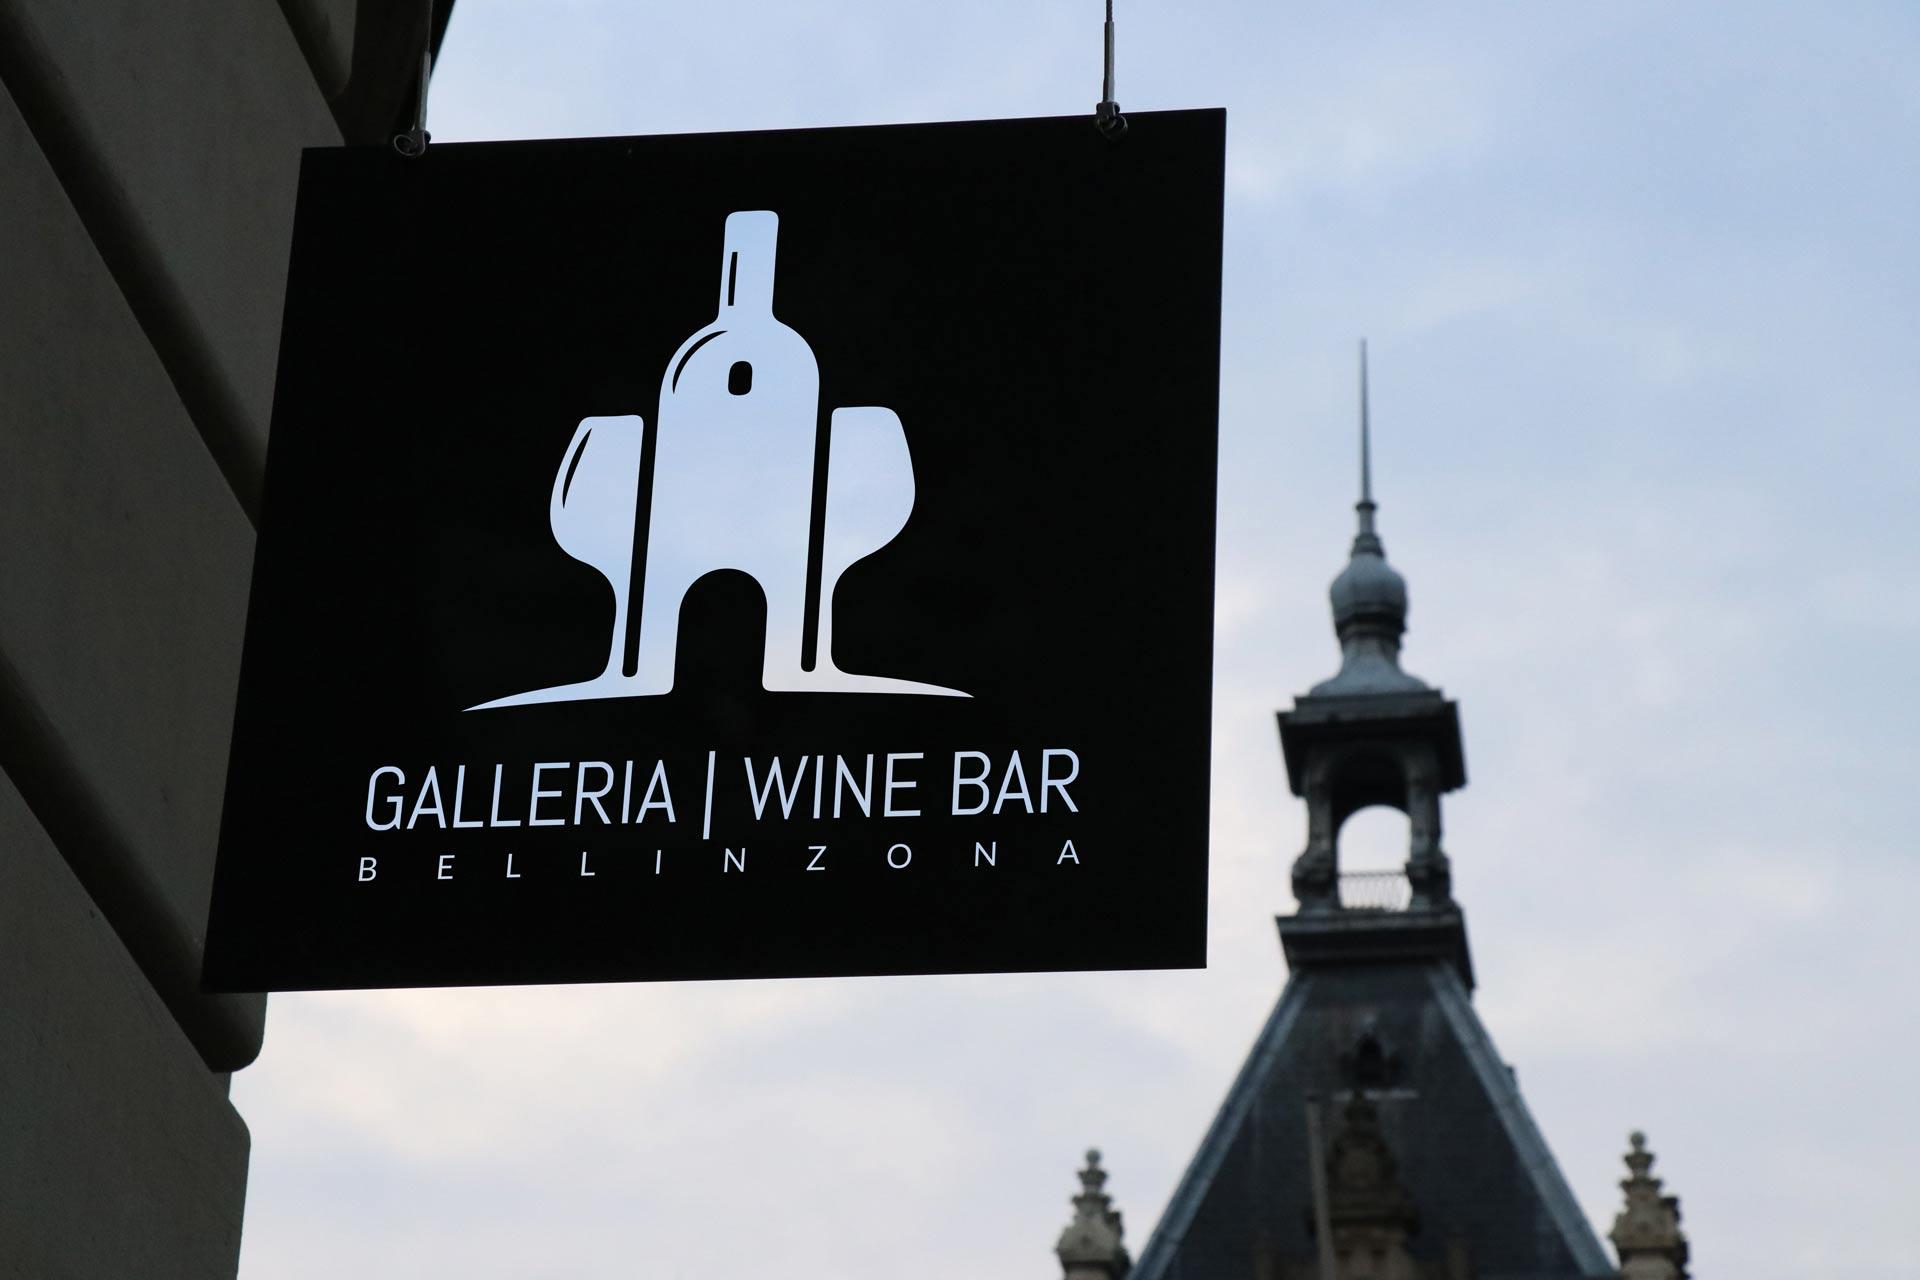 galleria-winebar-bellinzona-cartello